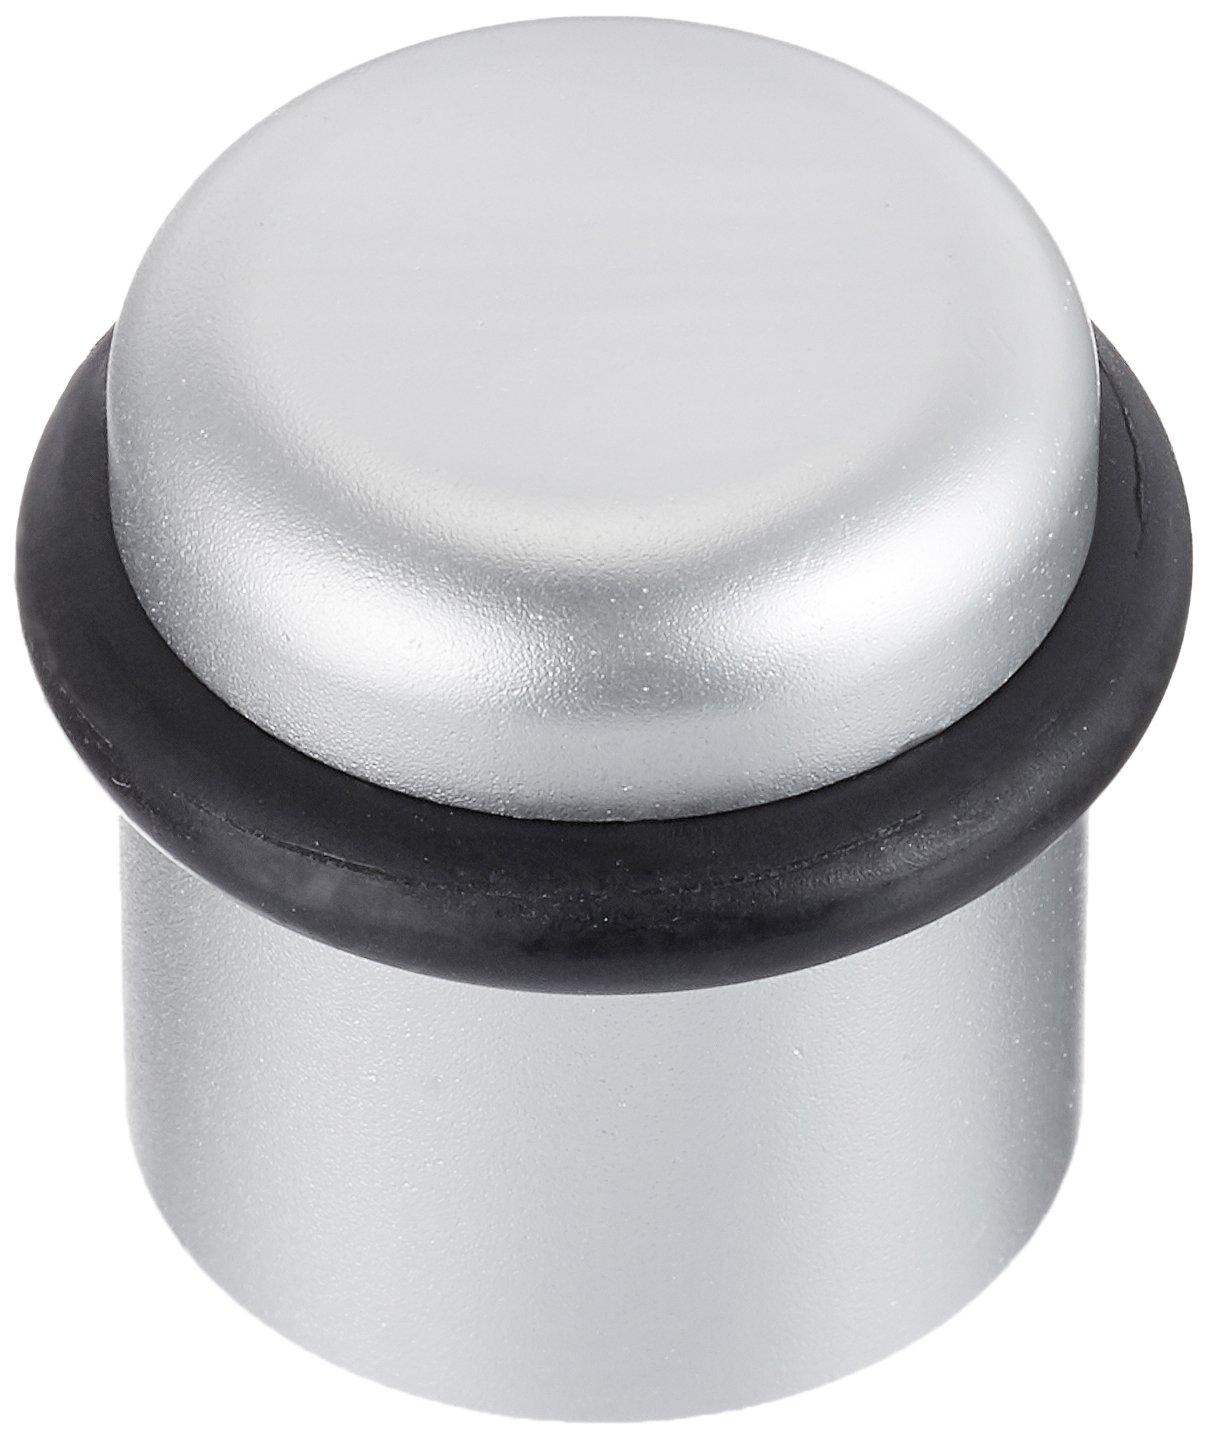 SOLIDO Boden-Türpuffer ø 25 mm | Türstopper | Aluminium silber | 1 Stück V102A283S652